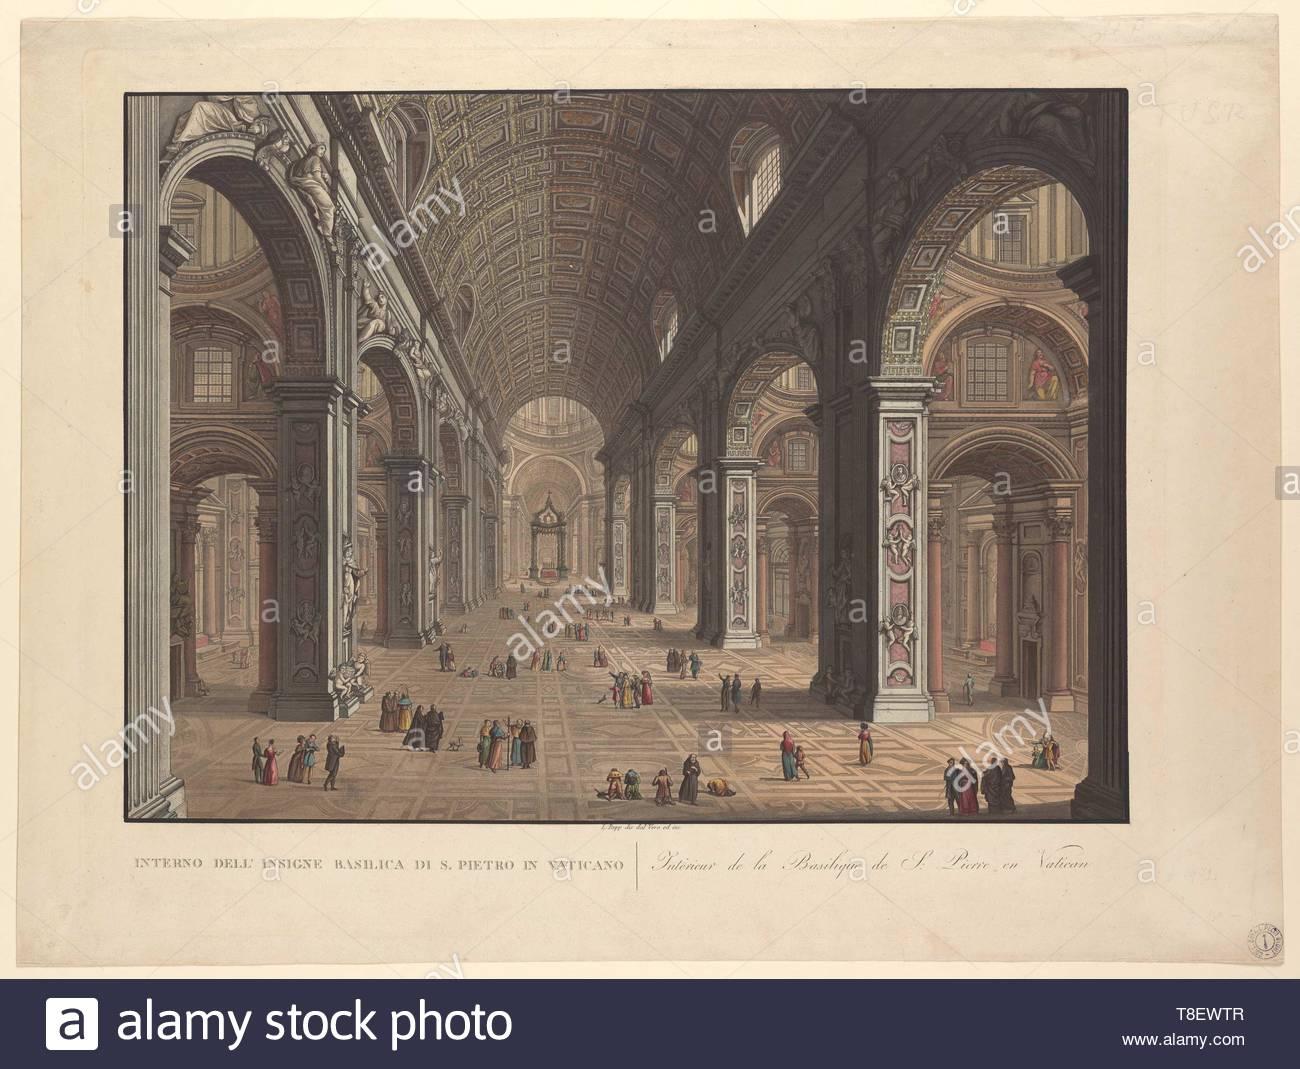 Rupp, Ladislaus, 1793-1854, printmaker.-Interno dell'insigne Basilica di S. Pietro in Vaticano, undated - Stock Image